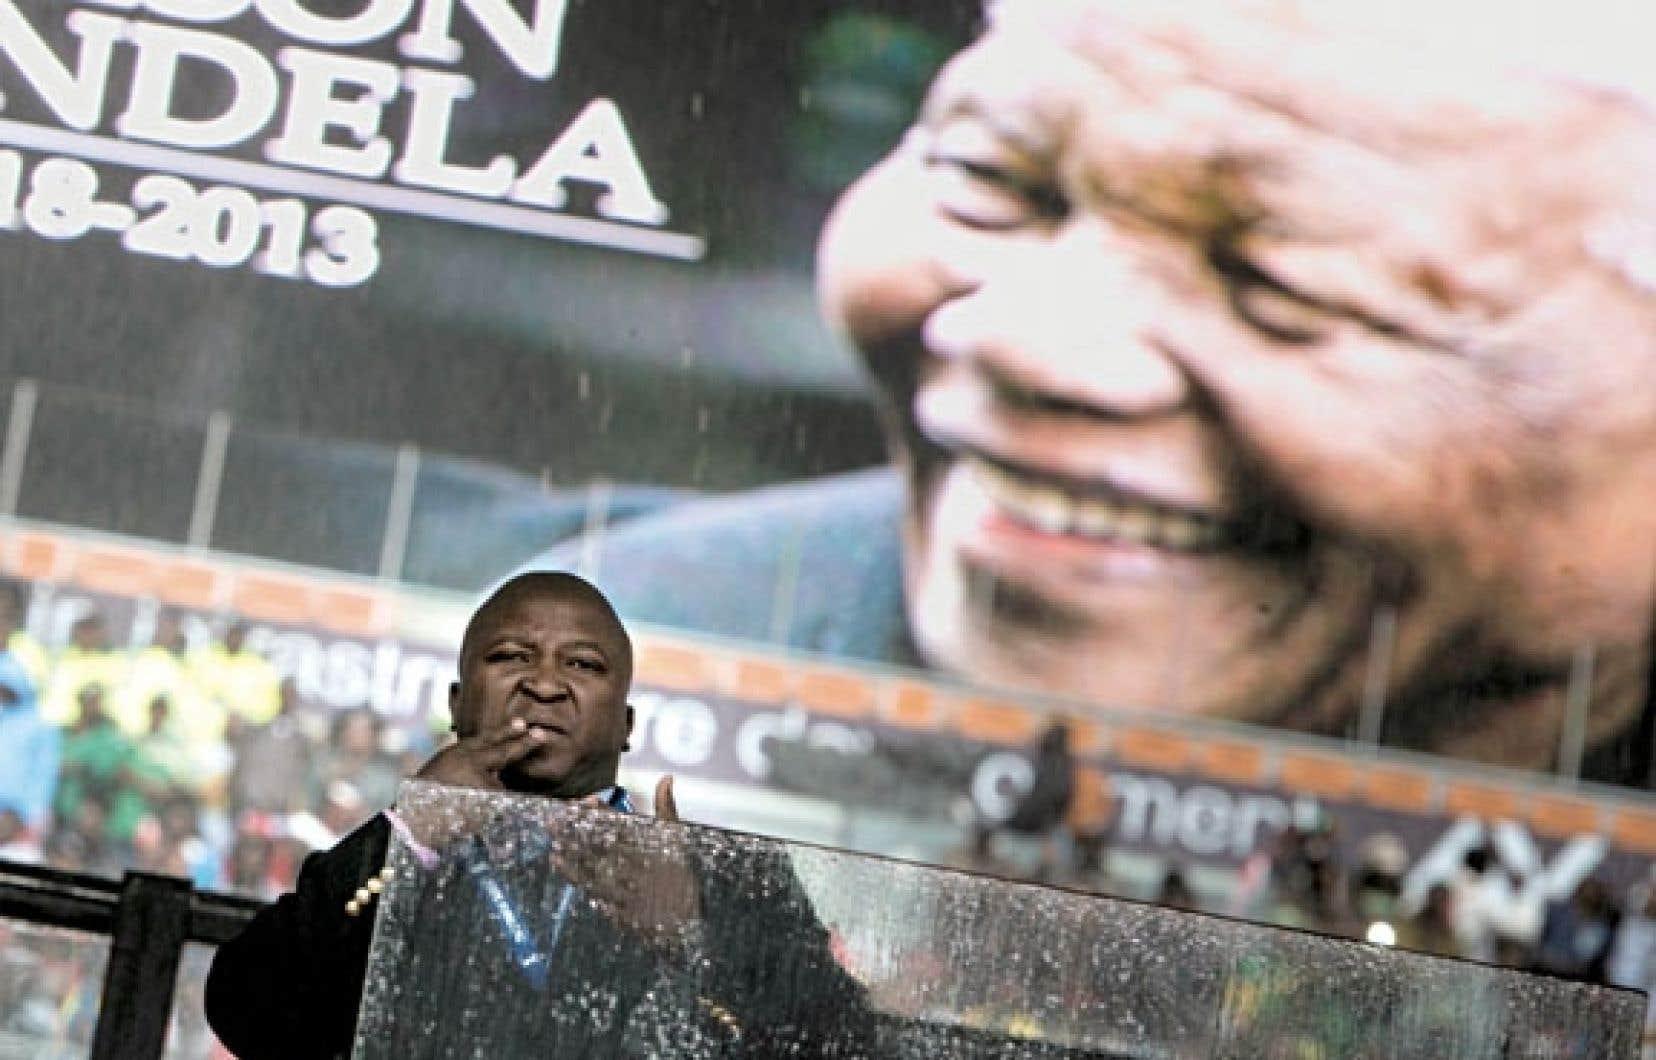 Les images de l'homme interprétant faussement en langue des signes la cérémonie d'hommage à Nelson Mandela ont fait le tour du monde, soulevant l'indignation des communautés sourdes.